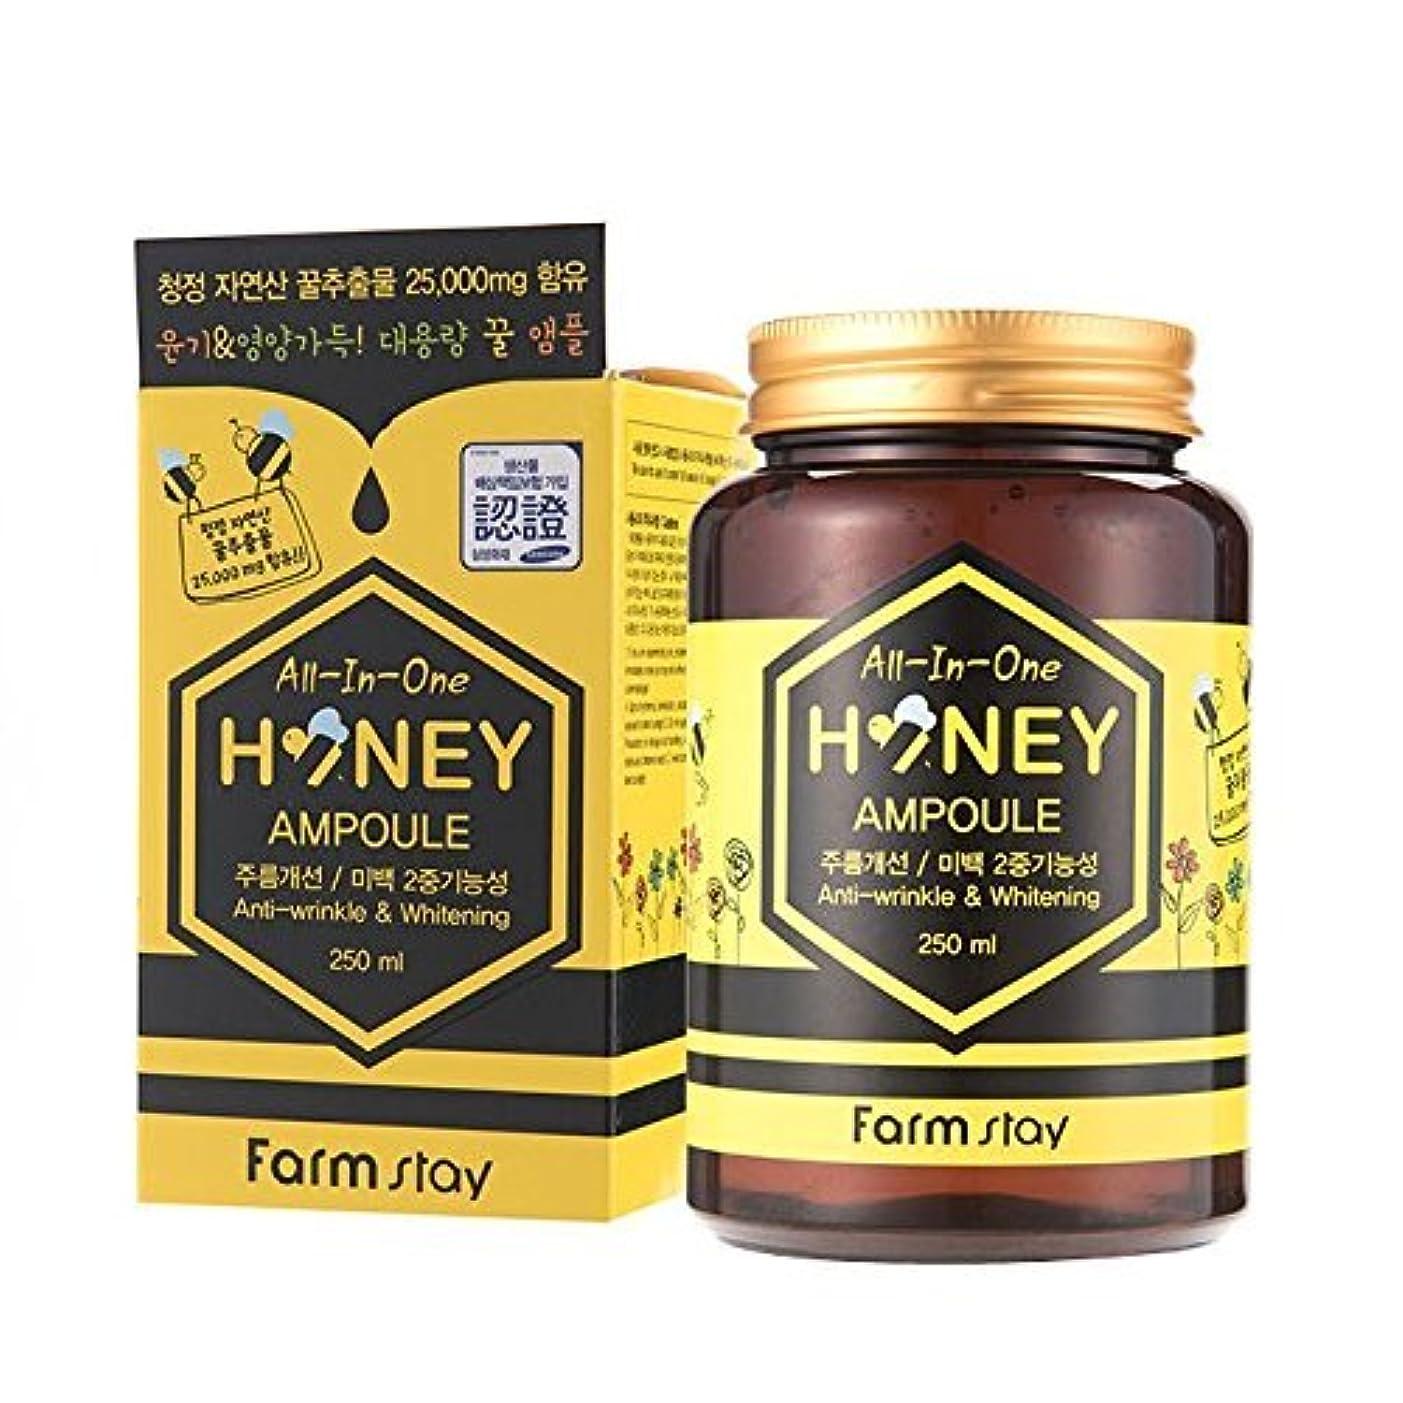 並外れたドラマ甘やかすファームステイ[韓国コスメFarm Stay]All In One Honey Ampoule オールインワンハニーアンプル250ml/ローヤルゼリー、プロポリス [並行輸入品]